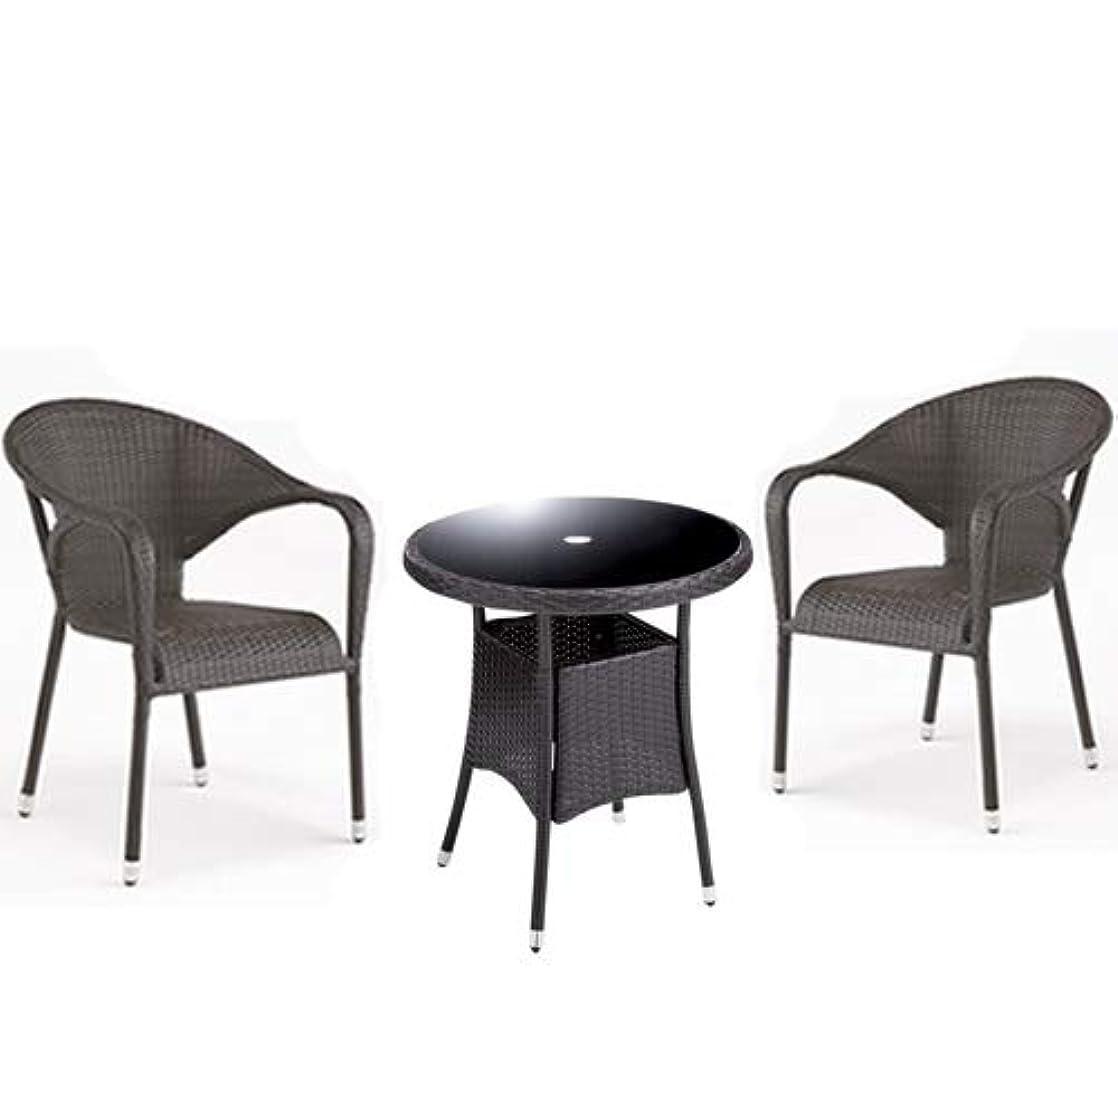 ロードハウス効果的診療所高級人工ラタン ガーデンチェア テーブル 3点セット ダークブラウン 人工ラタン ウィッカー ガーデンファニチャー 06BT-S3